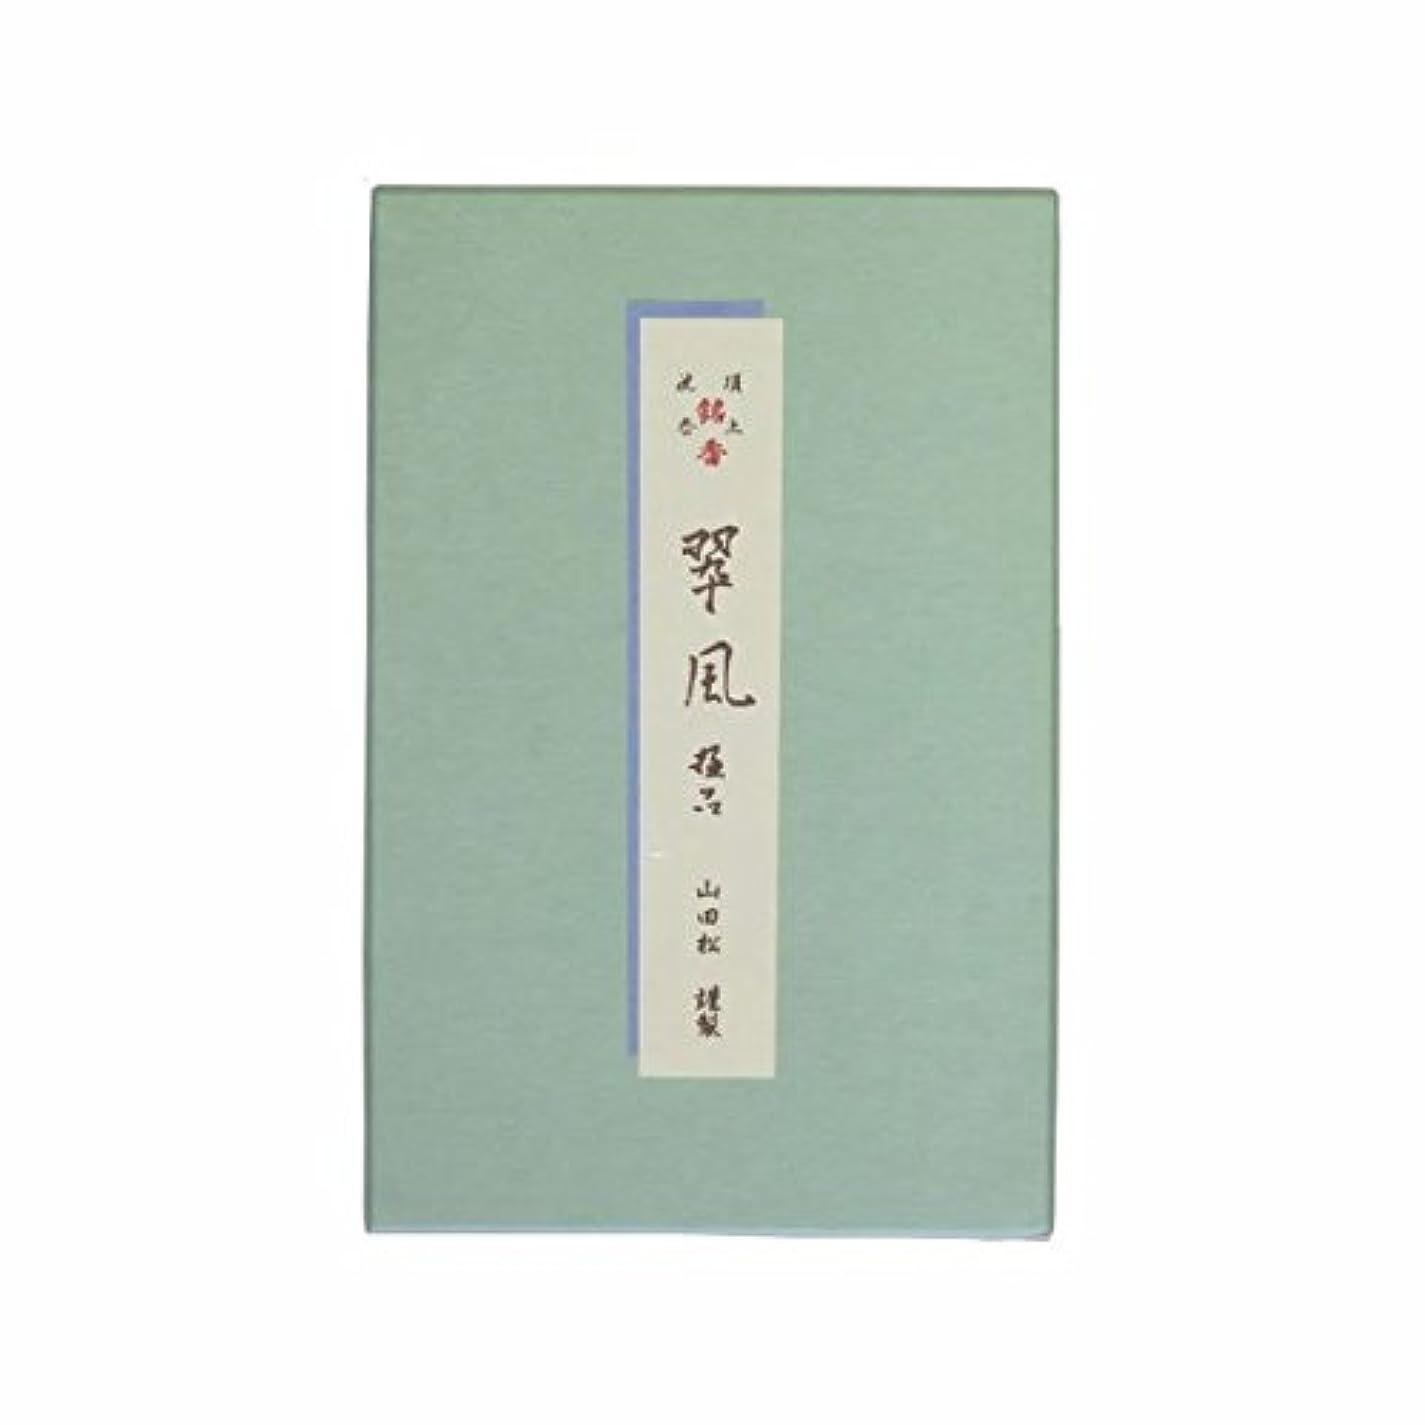 外国人トレーダーアルコーブ翠風(極品) 短寸 バラ詰